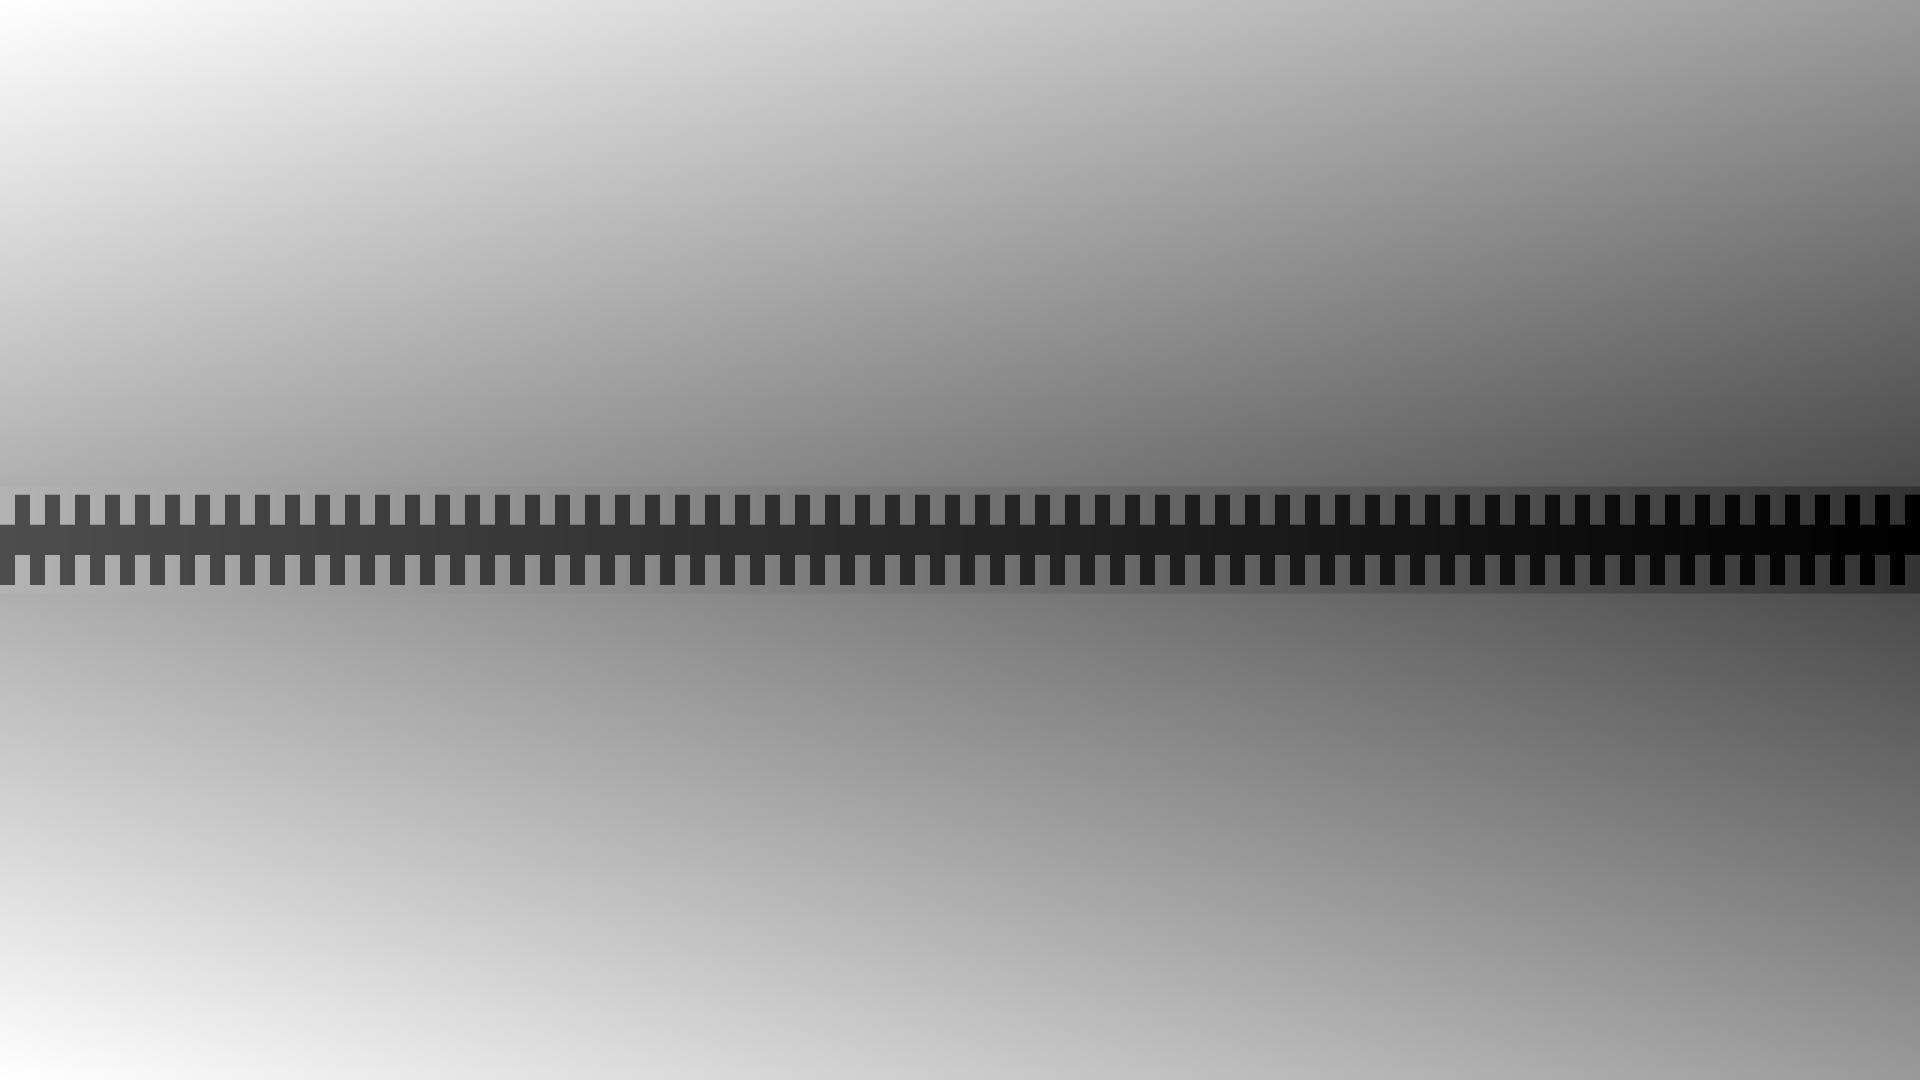 1080p_rule13